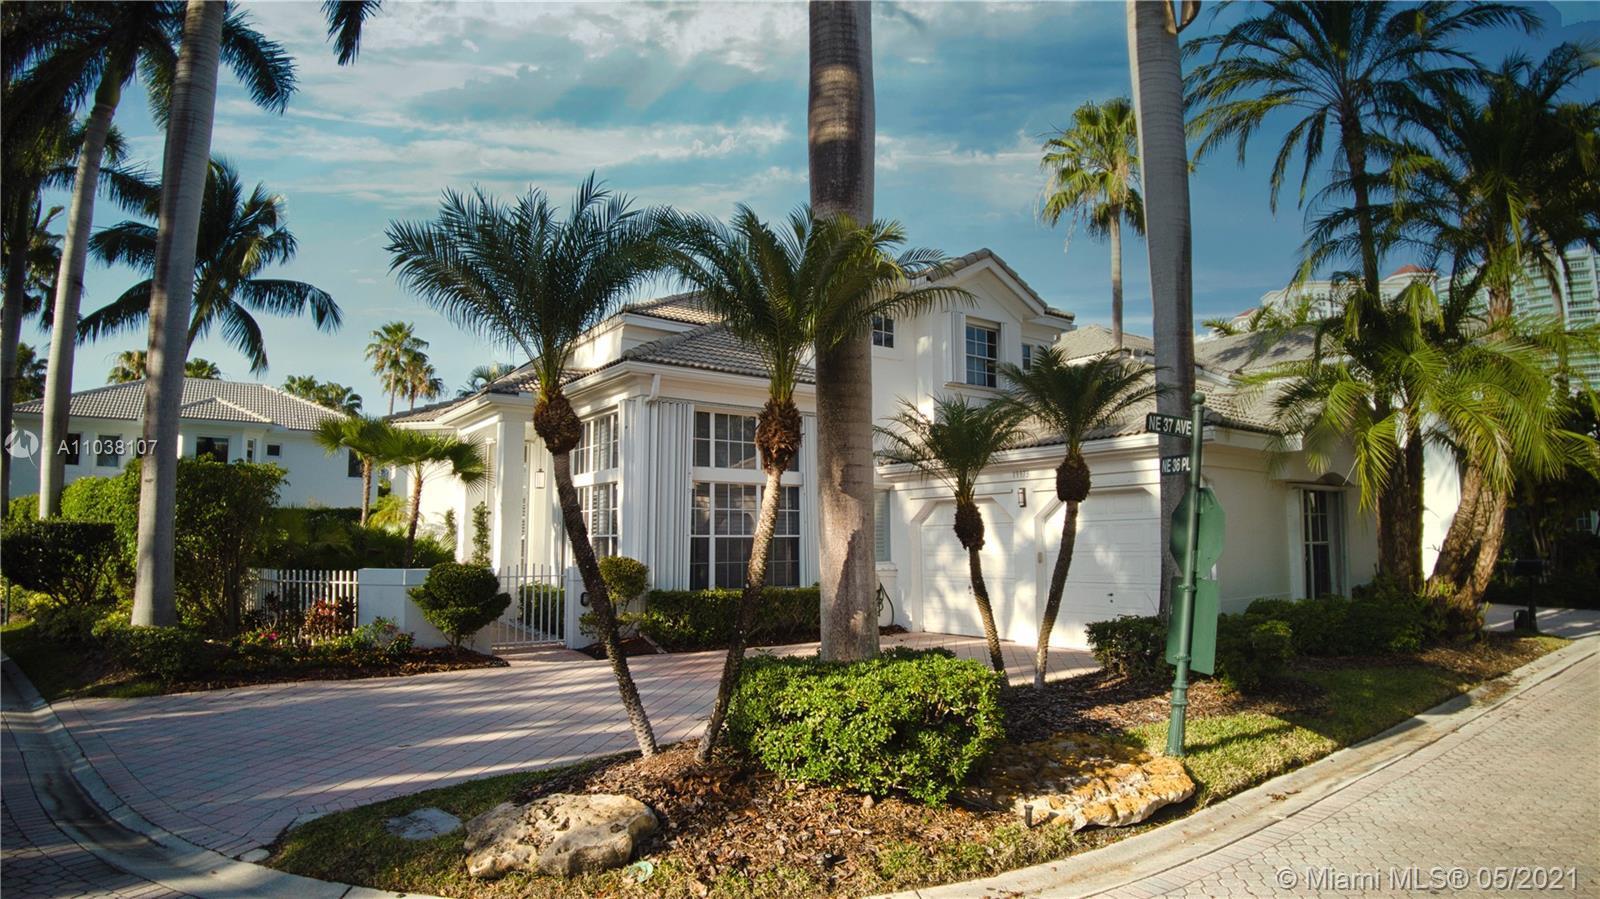 Great location in Aventura. Corner lot 4 bedrooms 3.5 bathrooms plus an office/den in an exclusive q